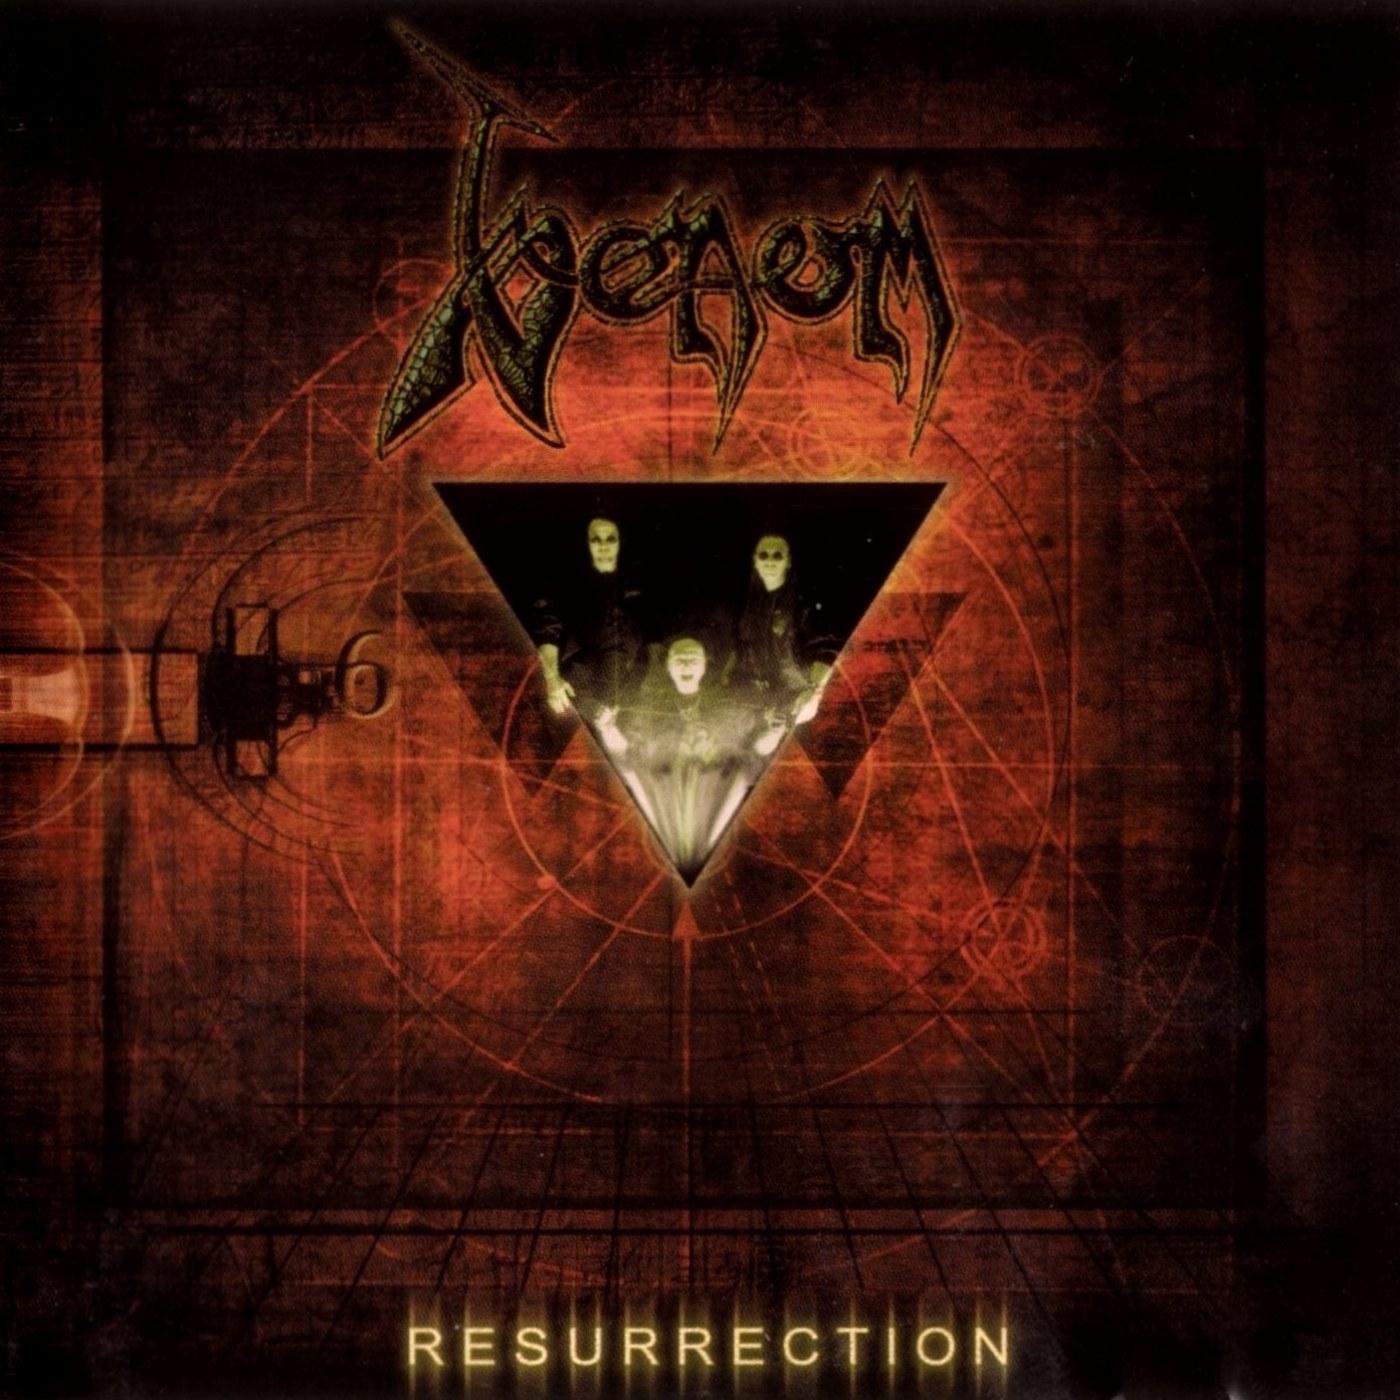 Review for Venom - Resurrection